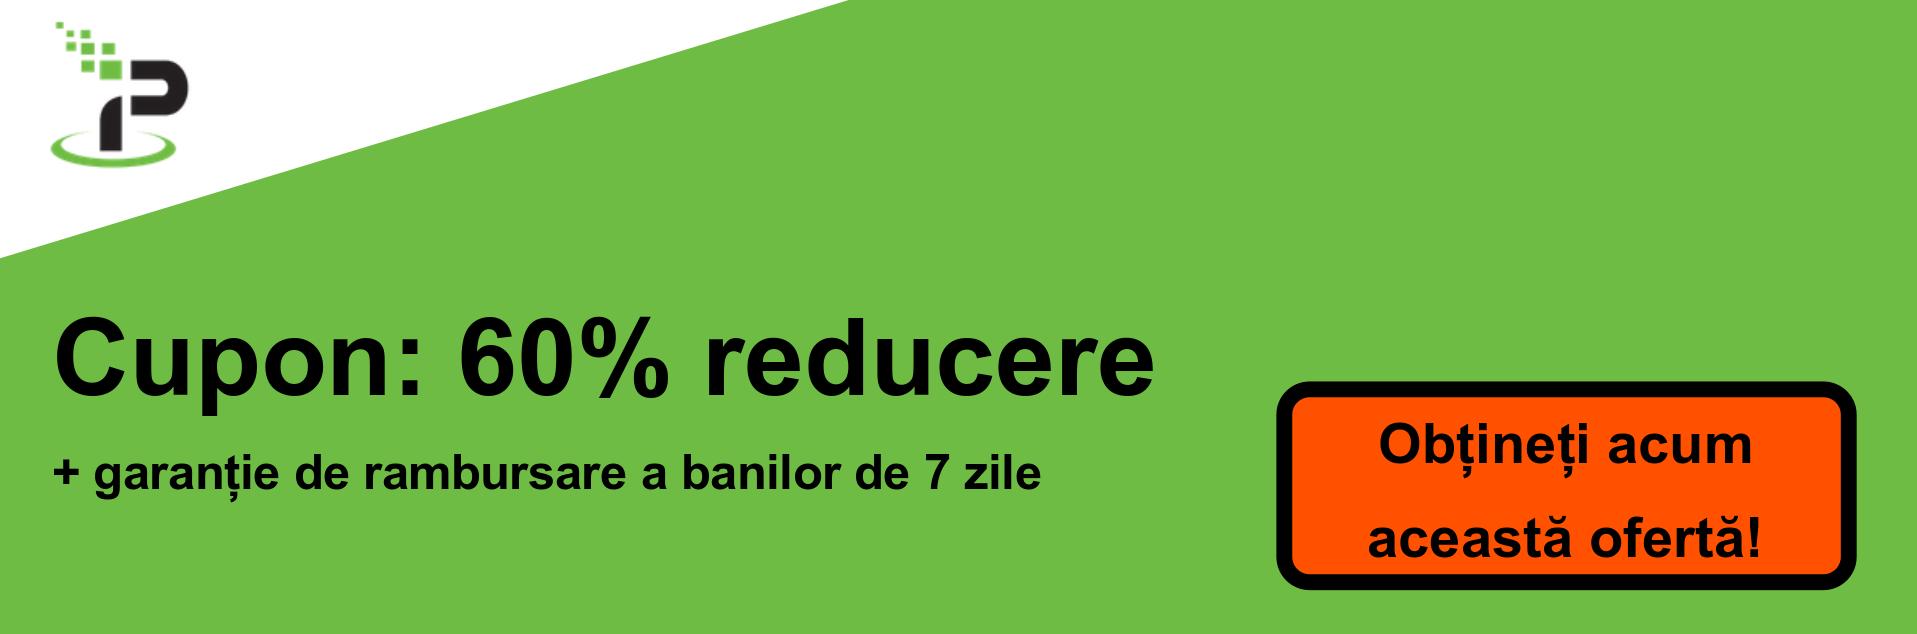 ip vanish coupon banner 60% off